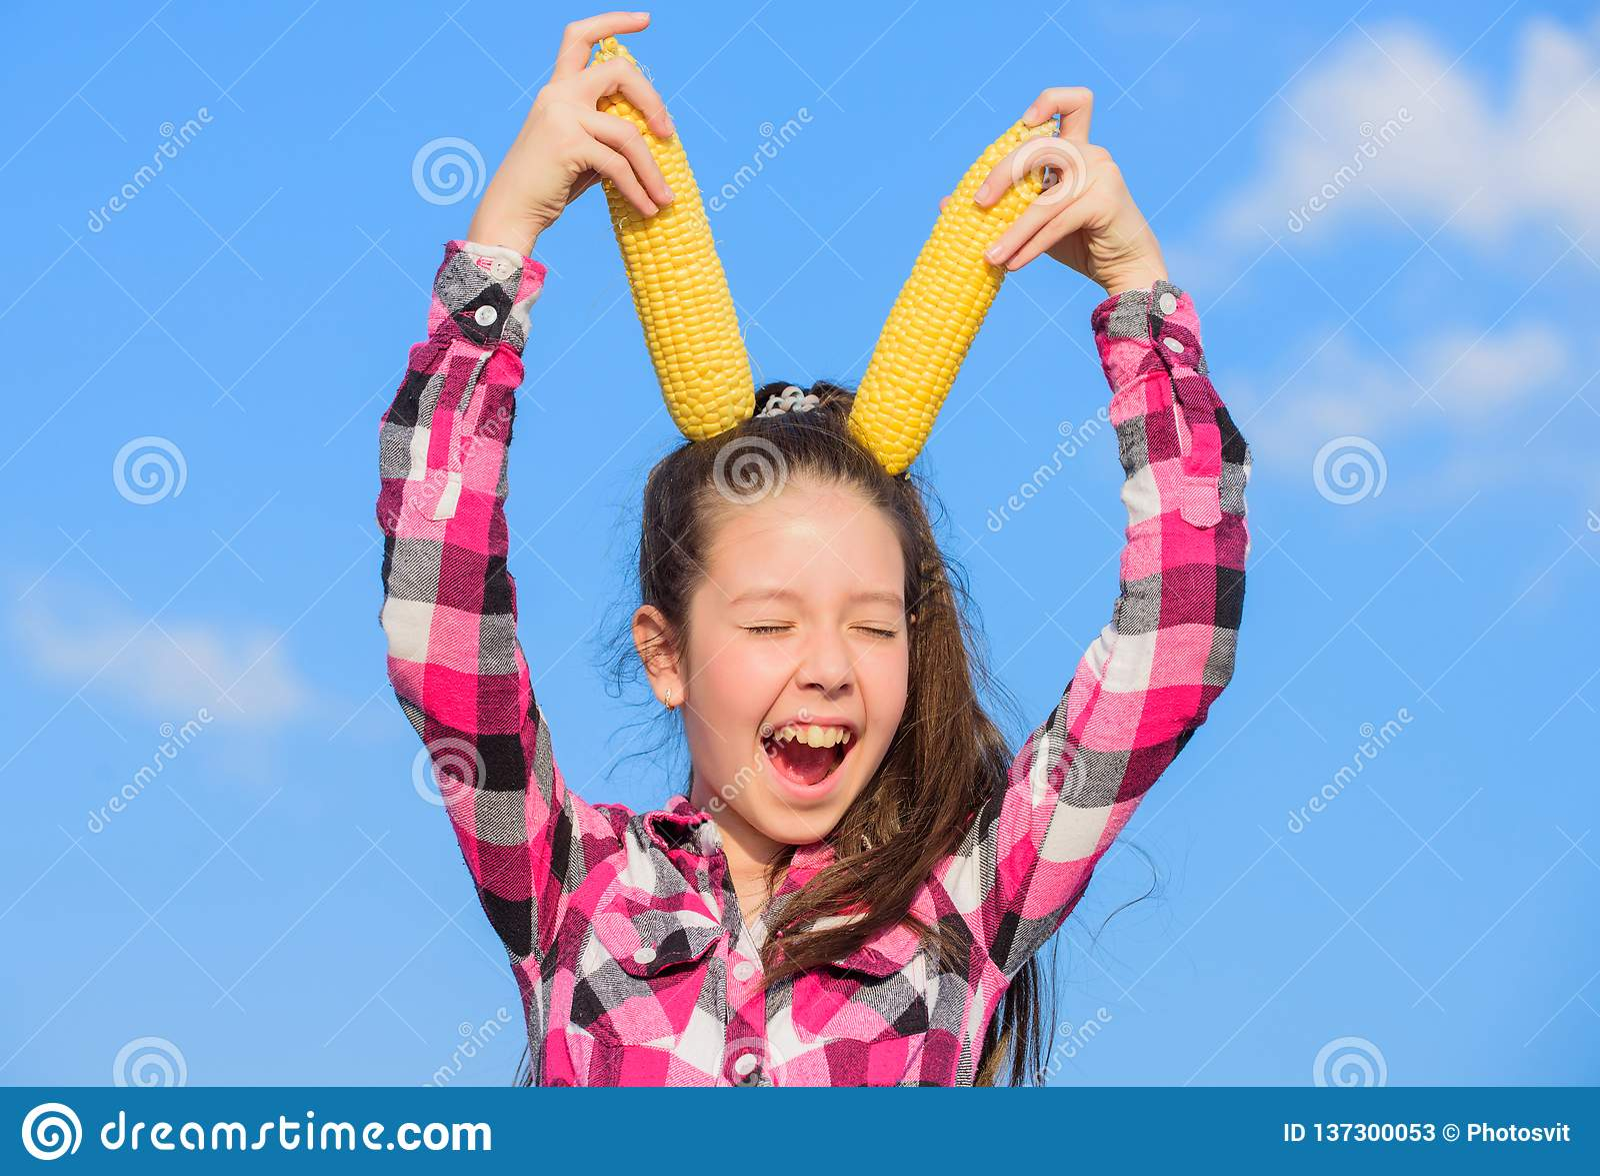 Κίτρινος σπάδικας καλαμποκιού λαβής κοριτσιών παιδιών στο υπόβαθρο ουρανού Ώριμα δημητριακά λαβής κοριτσιών εύθυμα Χορτοφάγος και